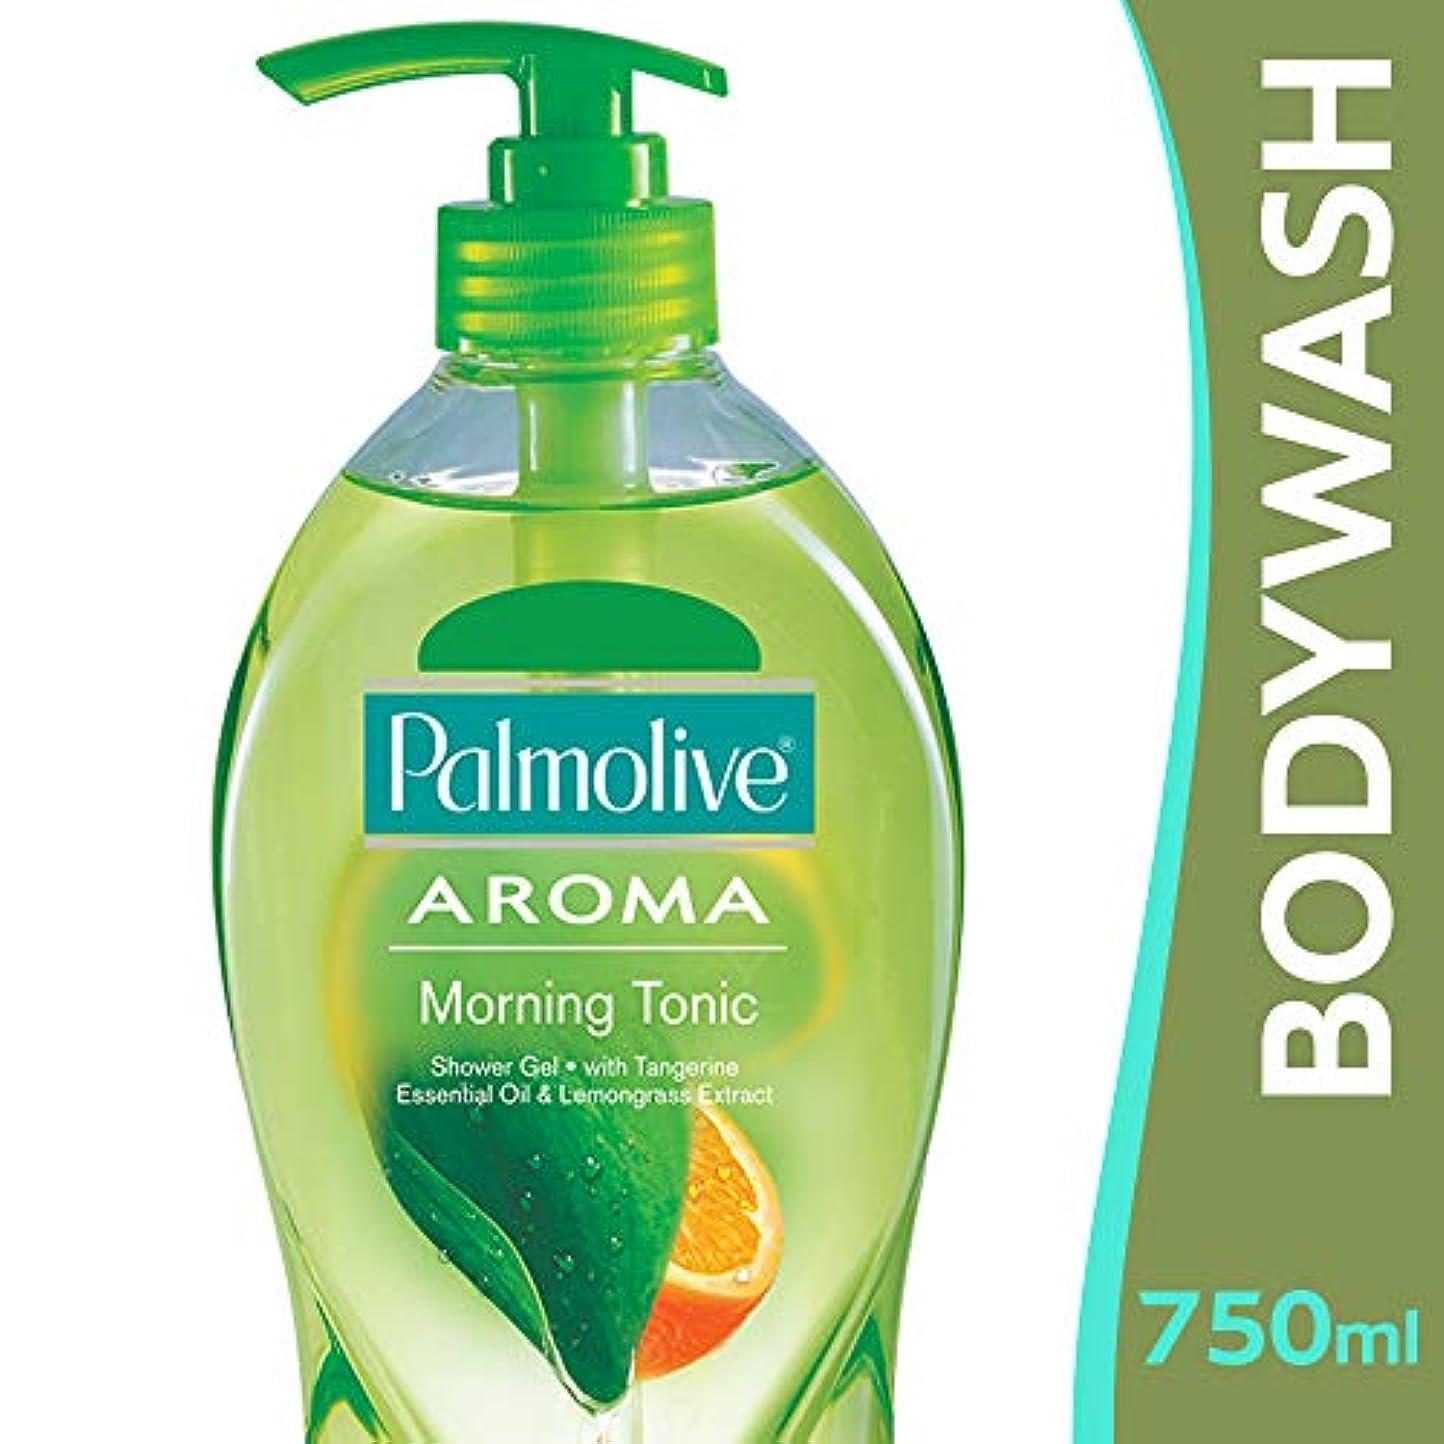 連続的気まぐれなタイプ【Palmolive】パルモリーブ アロマセラピーシャワージェル(モーニングトニック)750ml